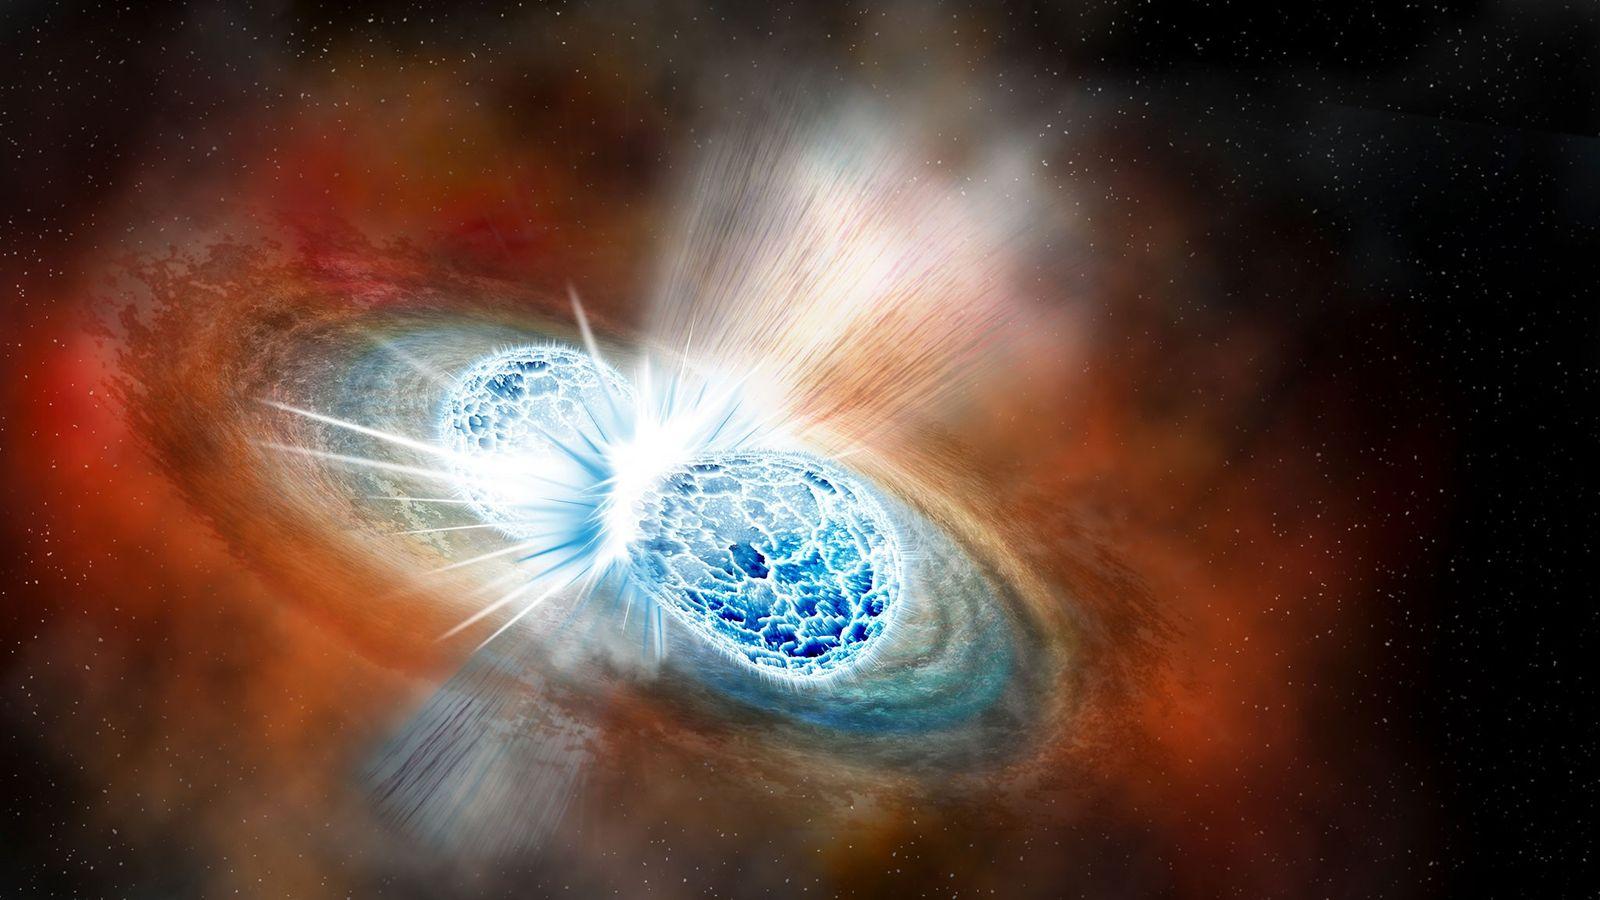 ilustração de estrelas de nêutron colidindo